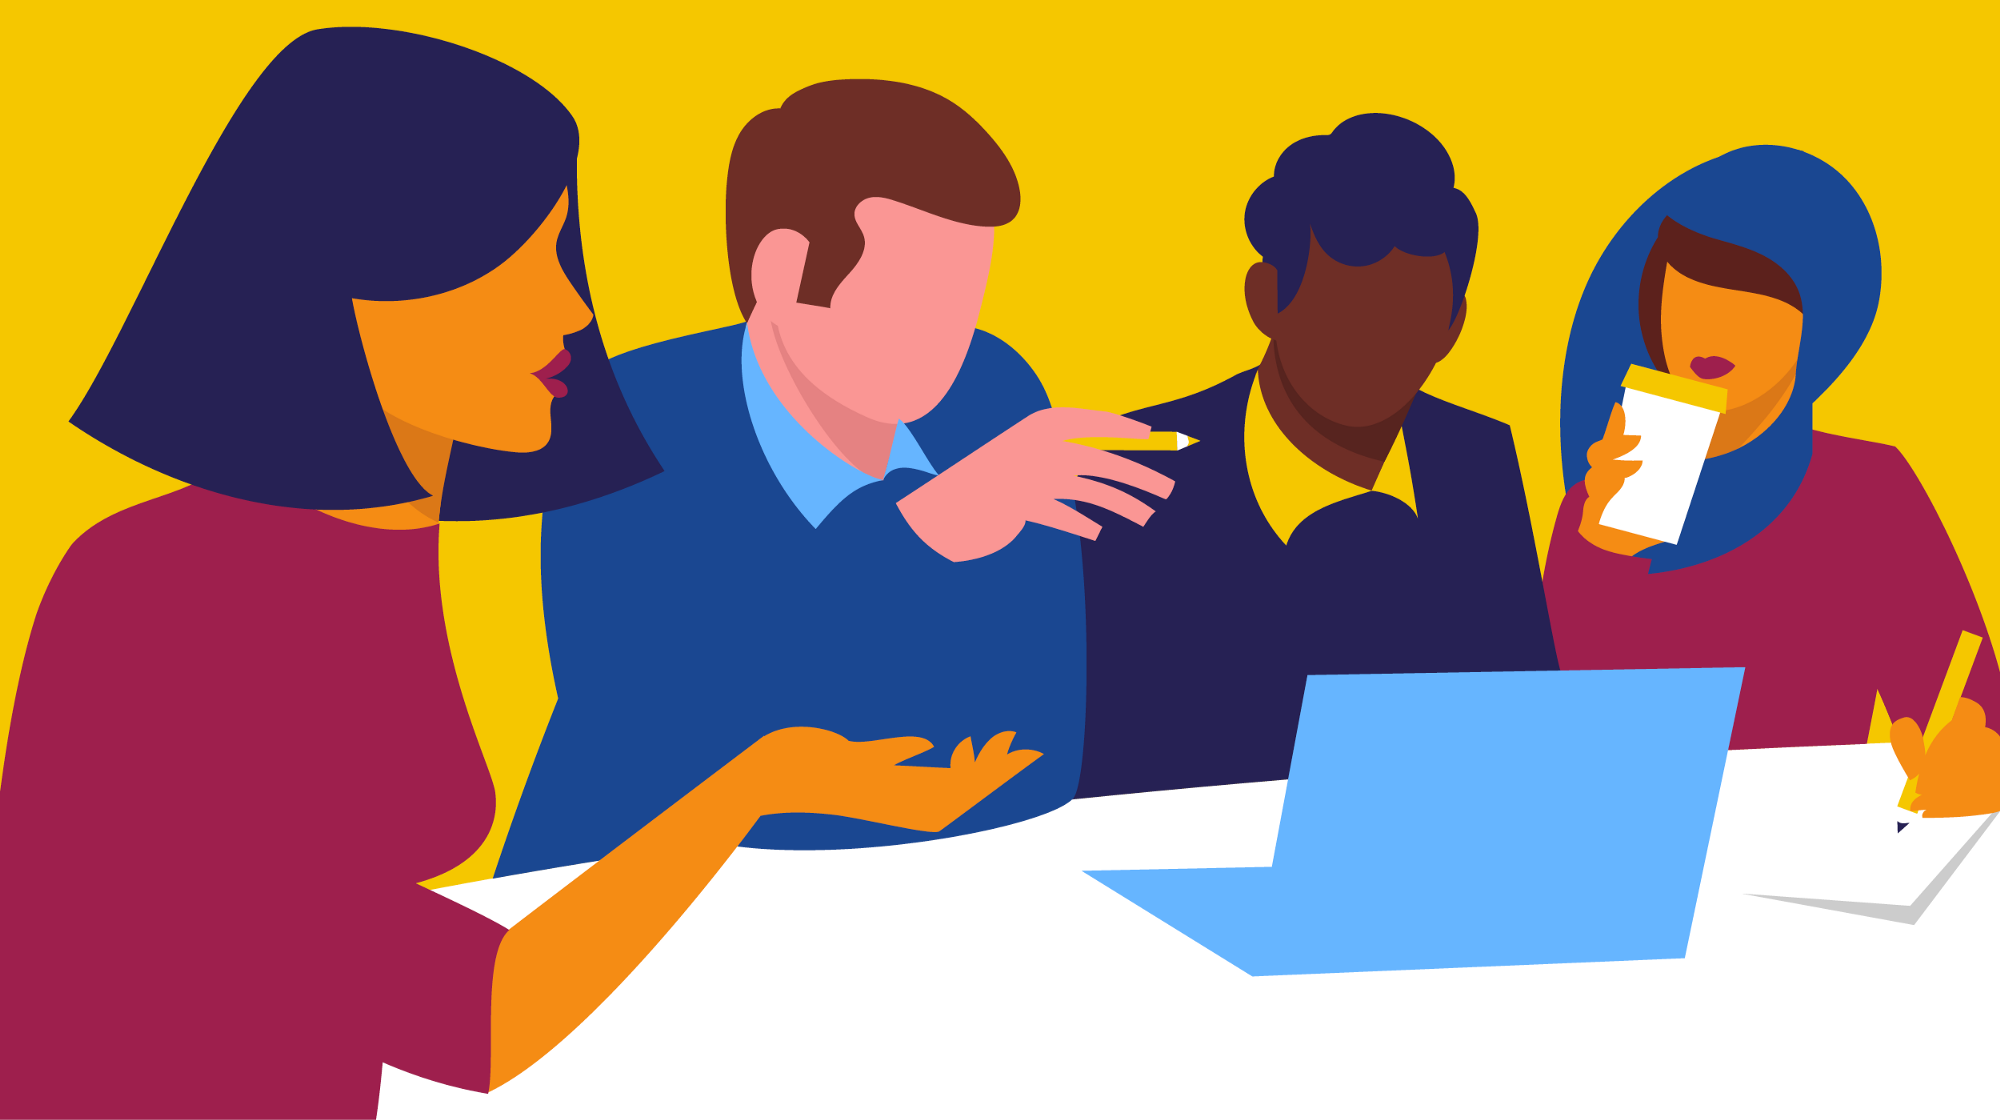 Diversity clipart diverse workforce, Diversity diverse.